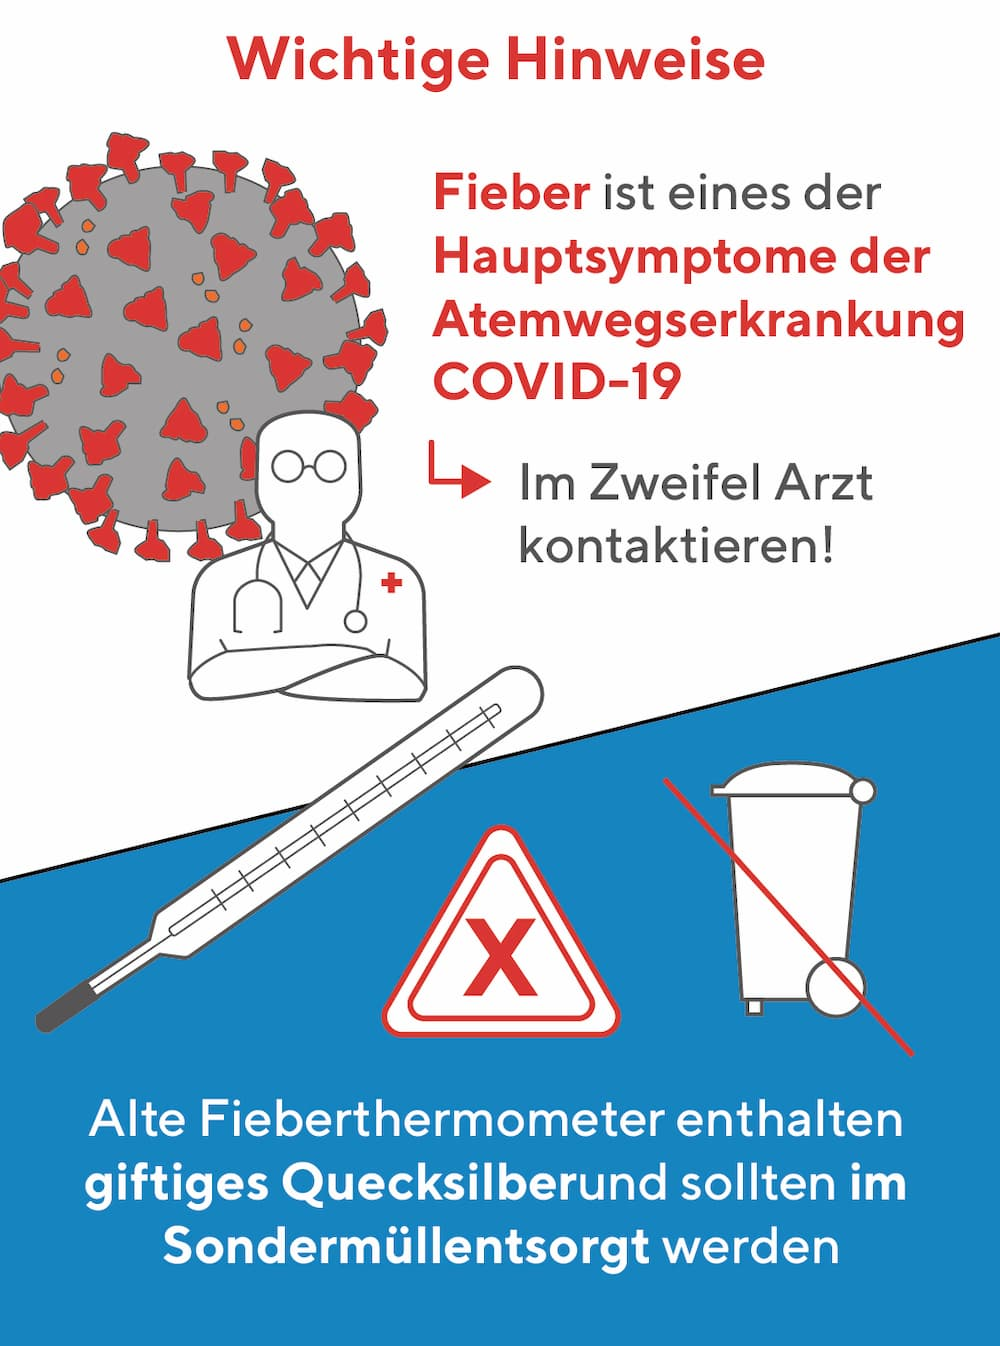 Fieber ist eines der Hautsymptome von COVID-10